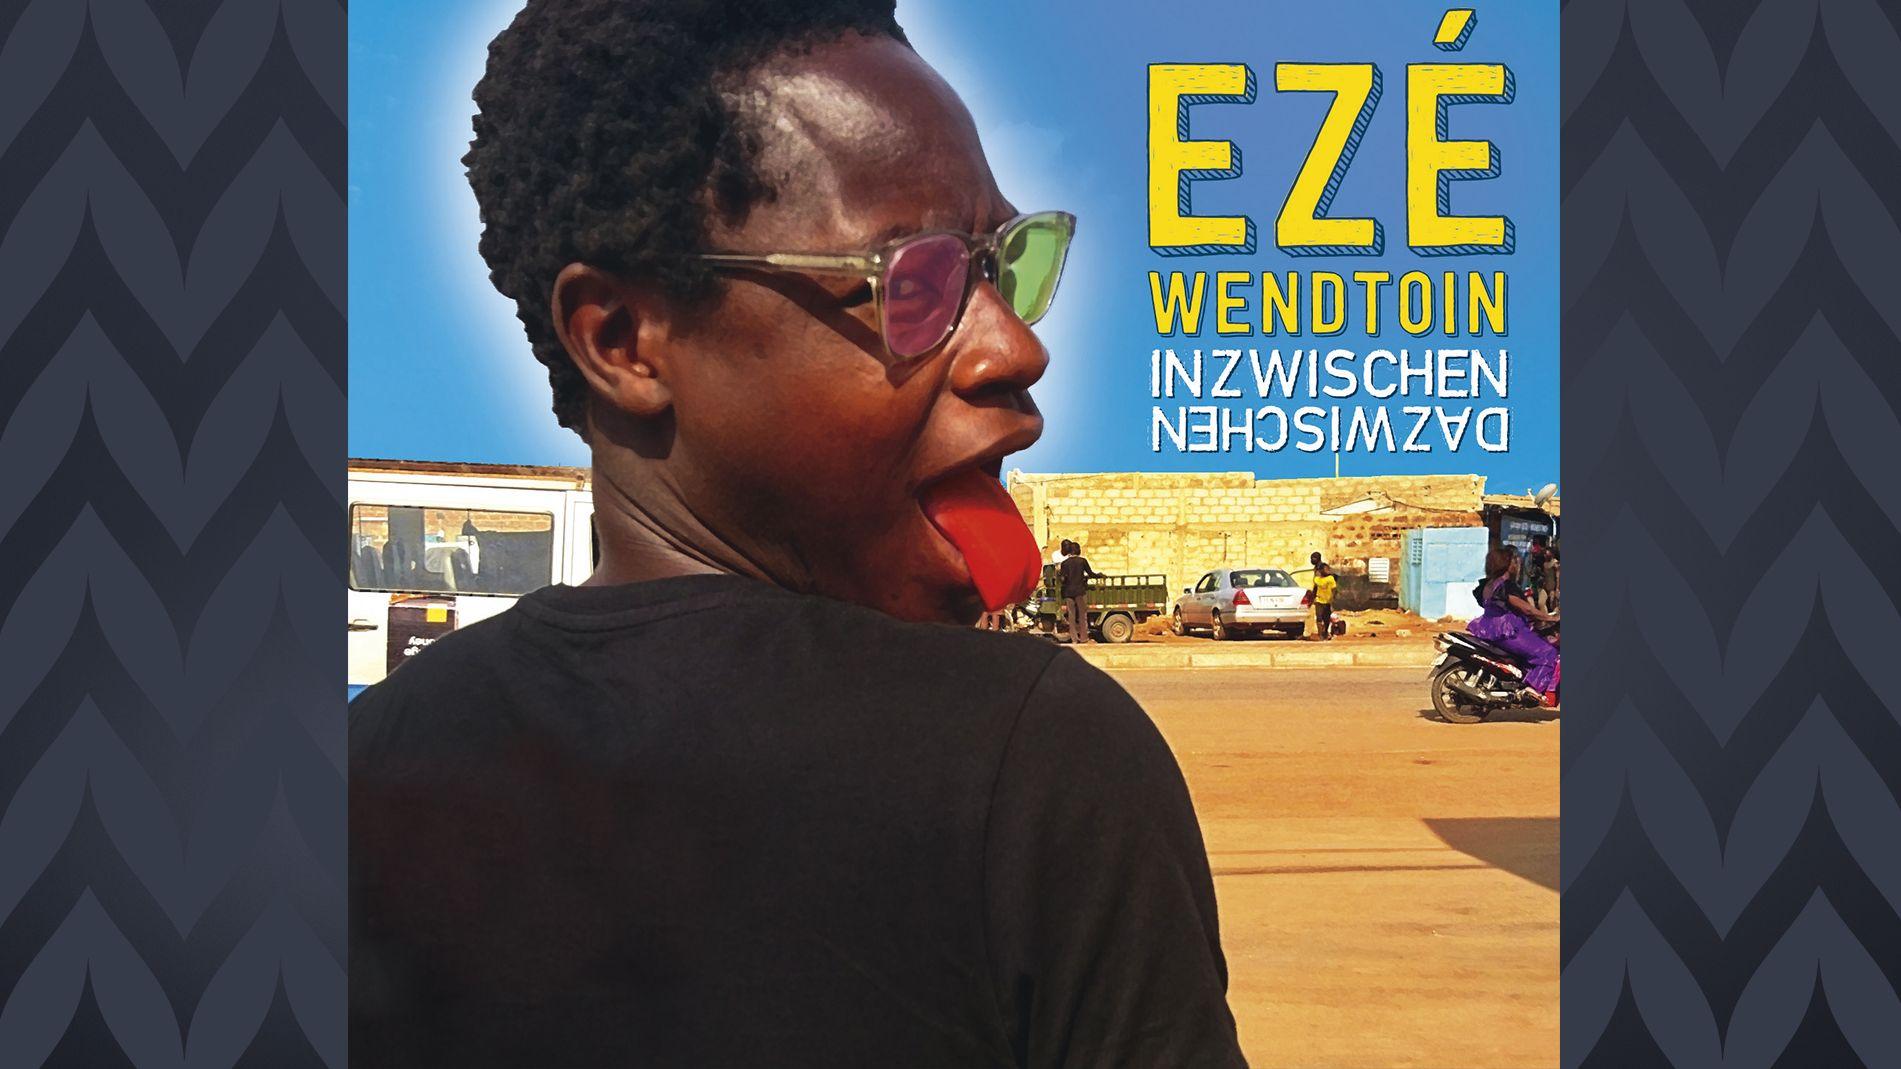 """Auf dem Cover seine Albums """"Inzwischen Dazwischen"""" ist der Liedermacher Ezé Wendtoin zu sehen"""